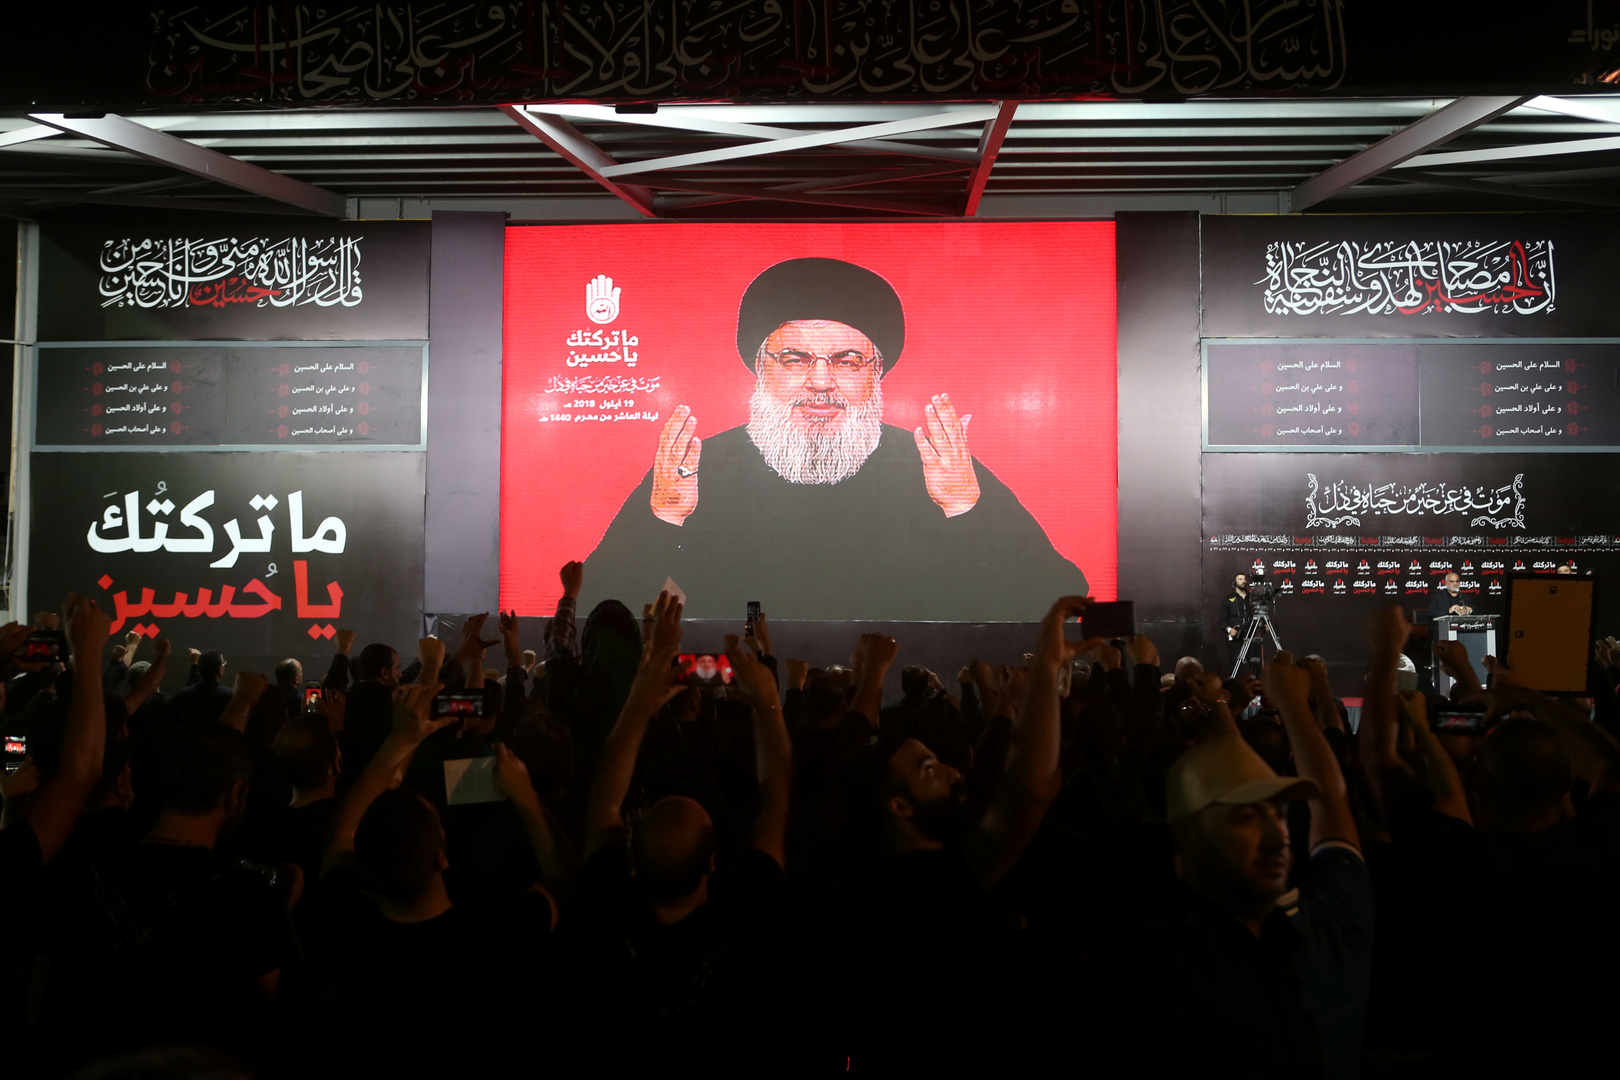 النيابة العامة اللبنانية تحفظ الشكوى المقدمة ضد نصرالله